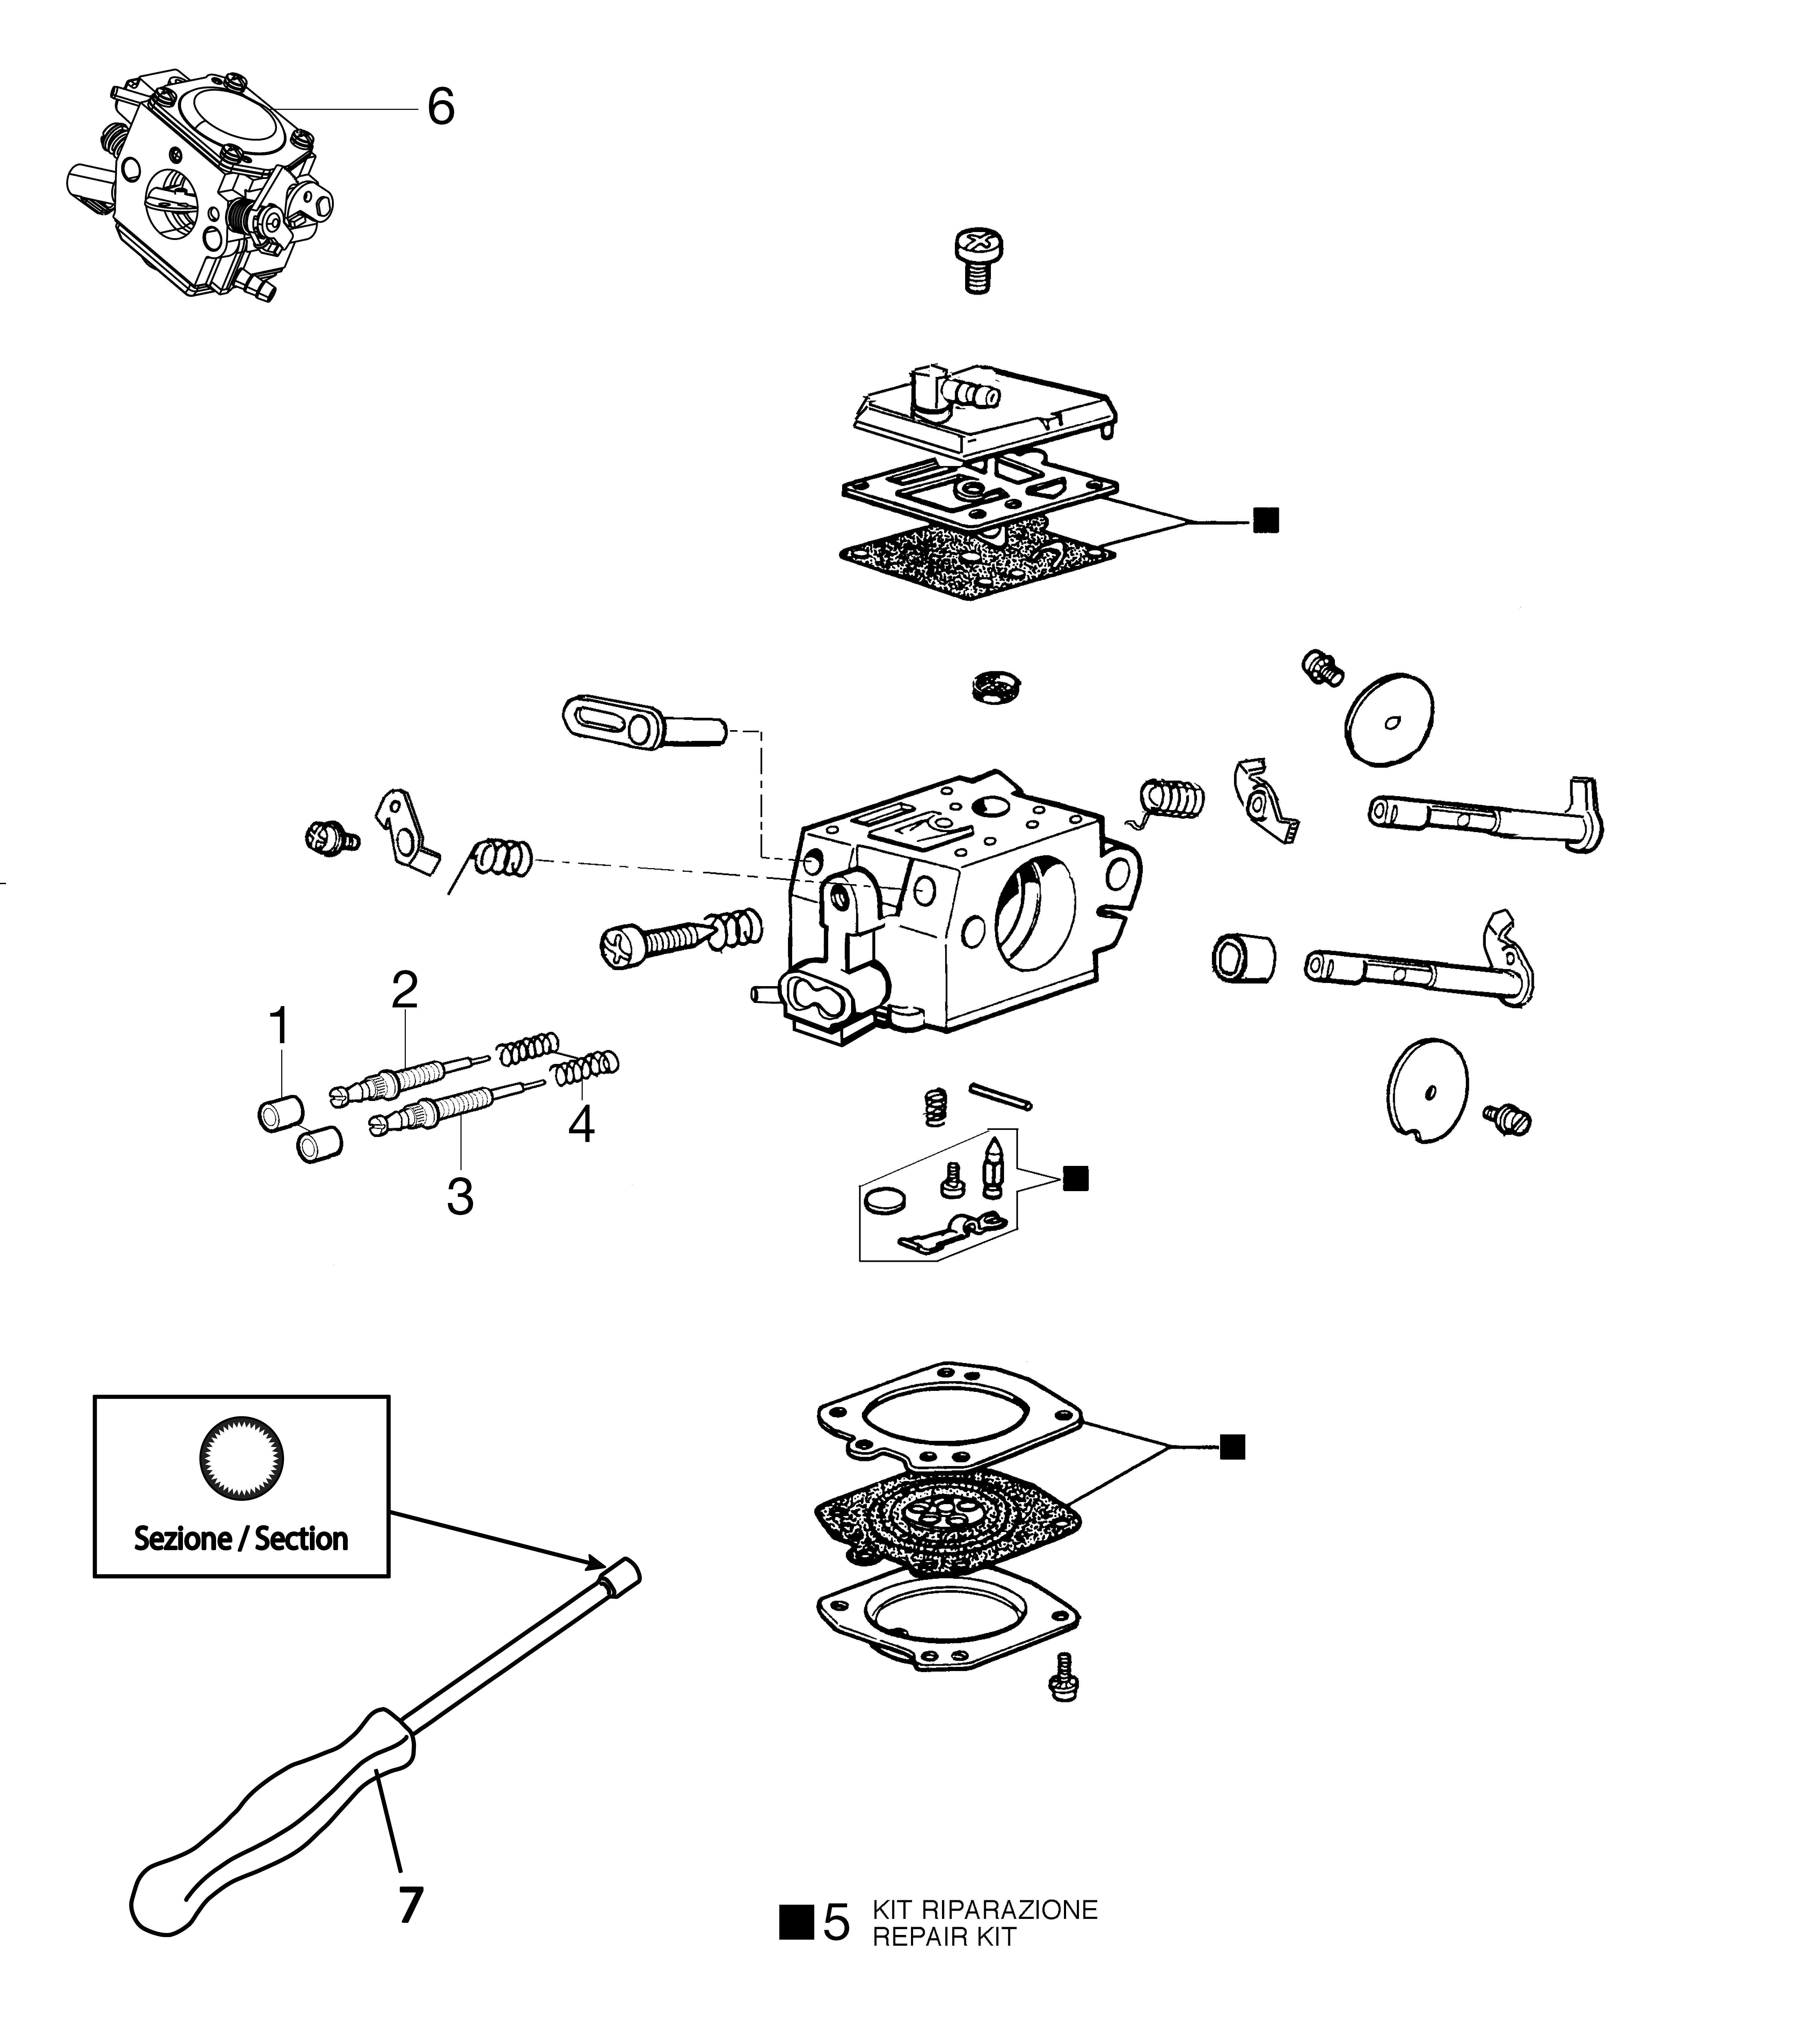 GS 520 Tronçonneuse oleomac Dessins pièces vue éclatée Carburateur HDA-314